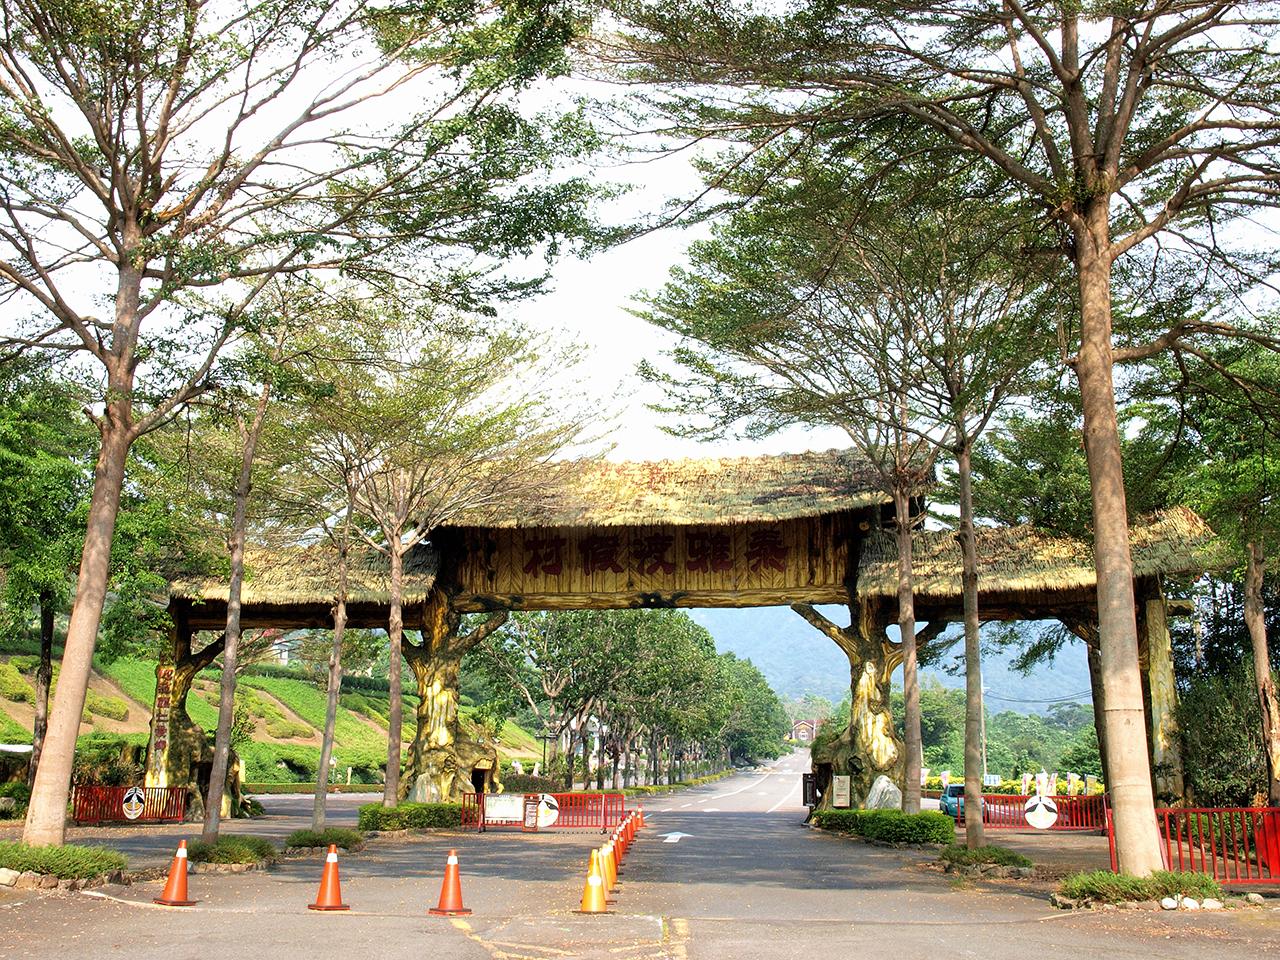 泰雅渡假村(タイヤルリゾートビレッジ)の入り口の形象